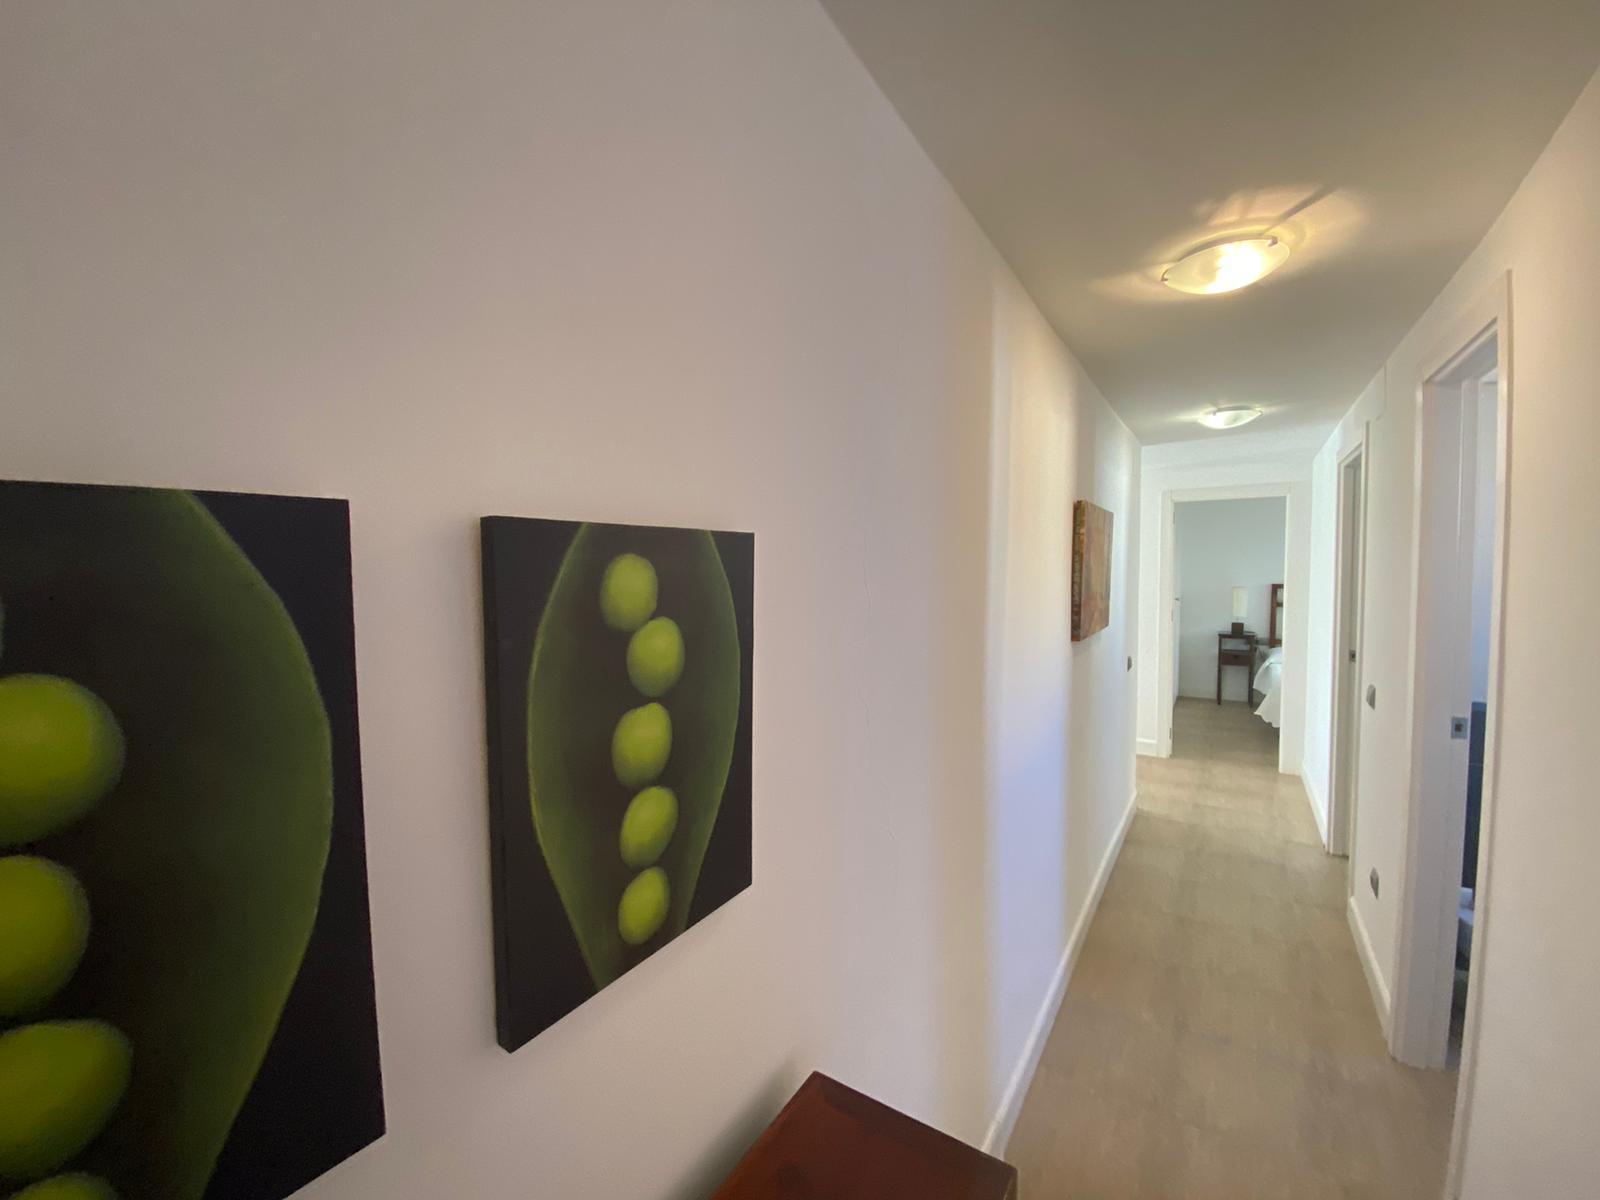 Imagen 15 del Apartamento Turístico, Ático 6 Central (3d+2b), Punta del Moral (HUELVA), Paseo de la Cruz nº22